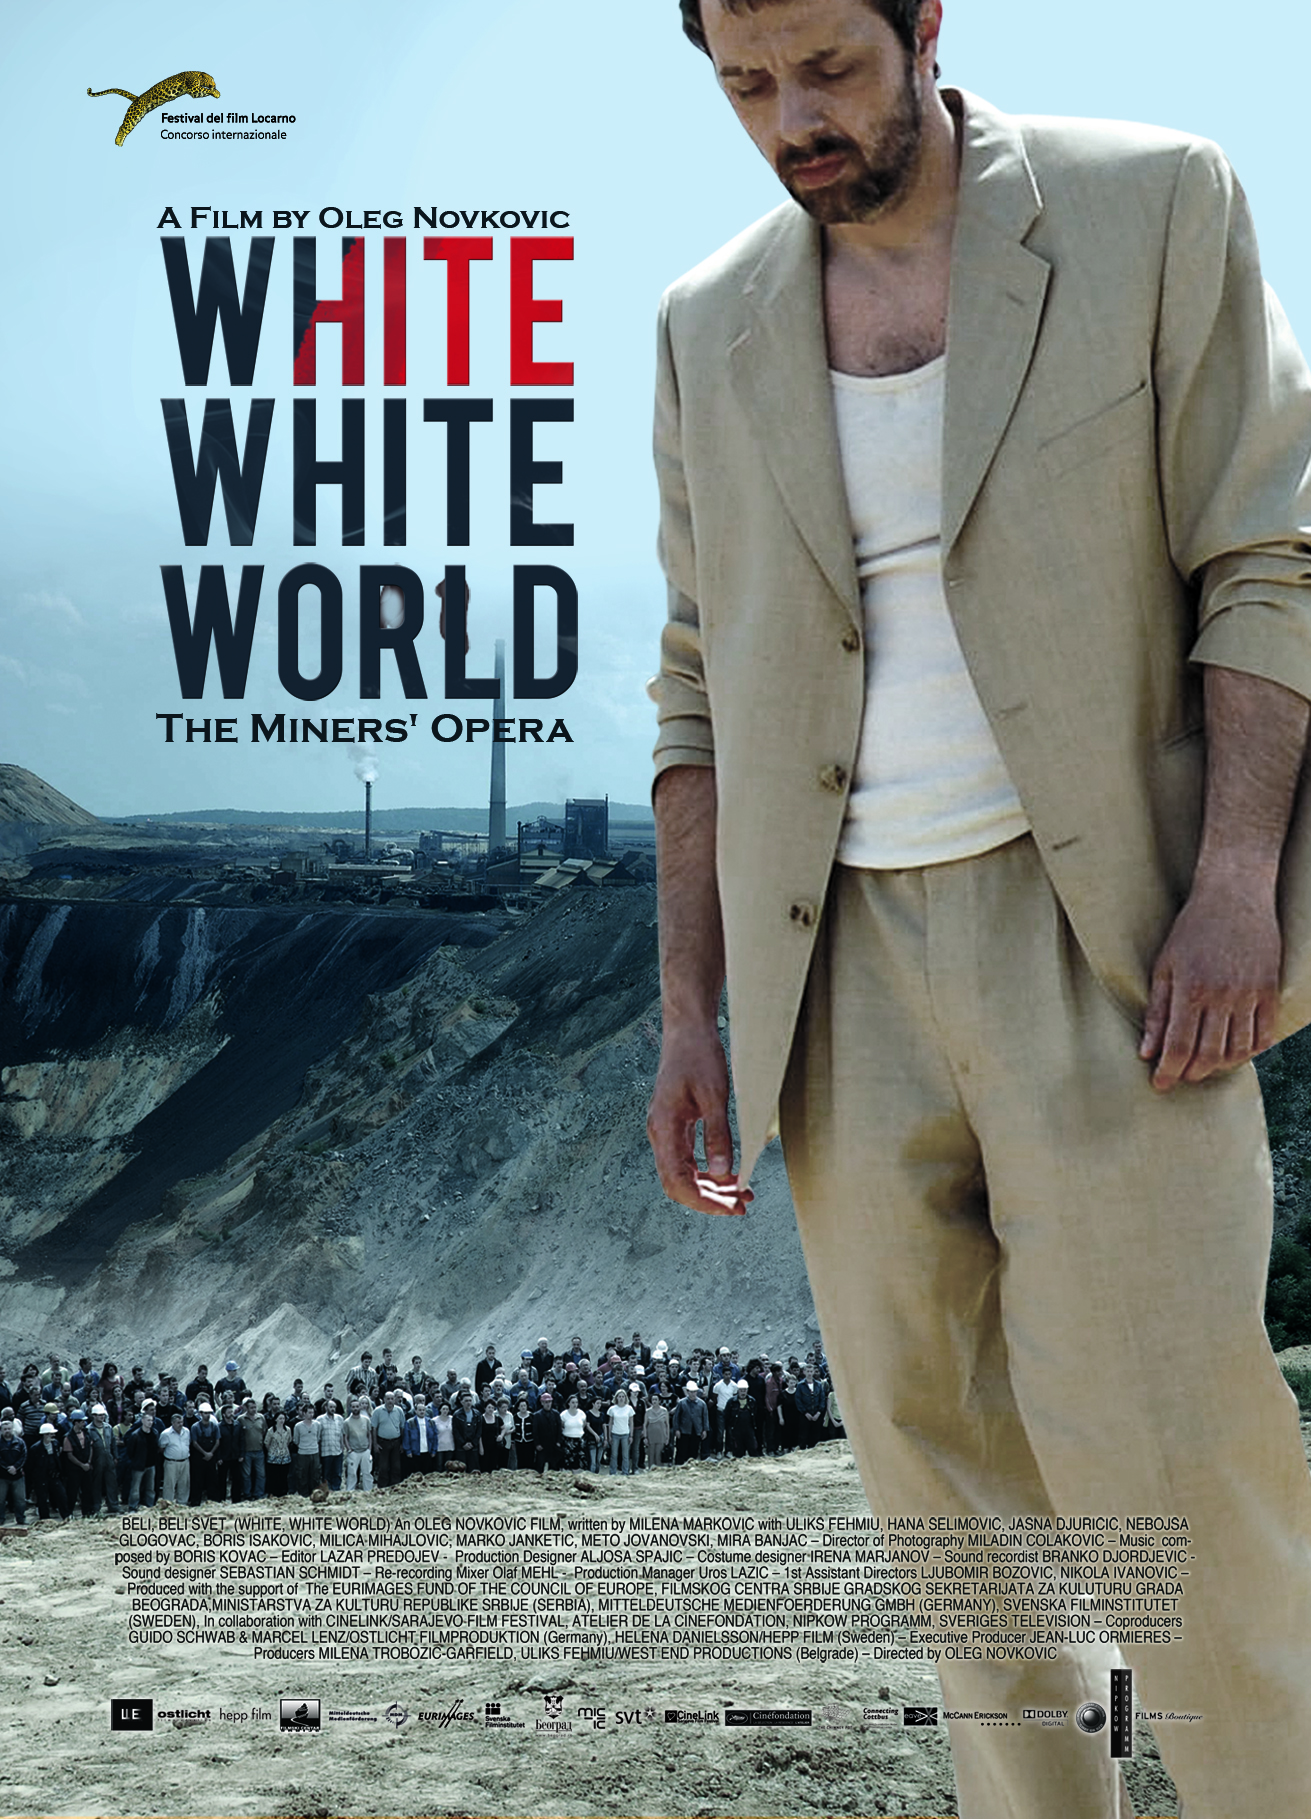 Claritta Kratochwil - white_white_world_postkarte.jpg